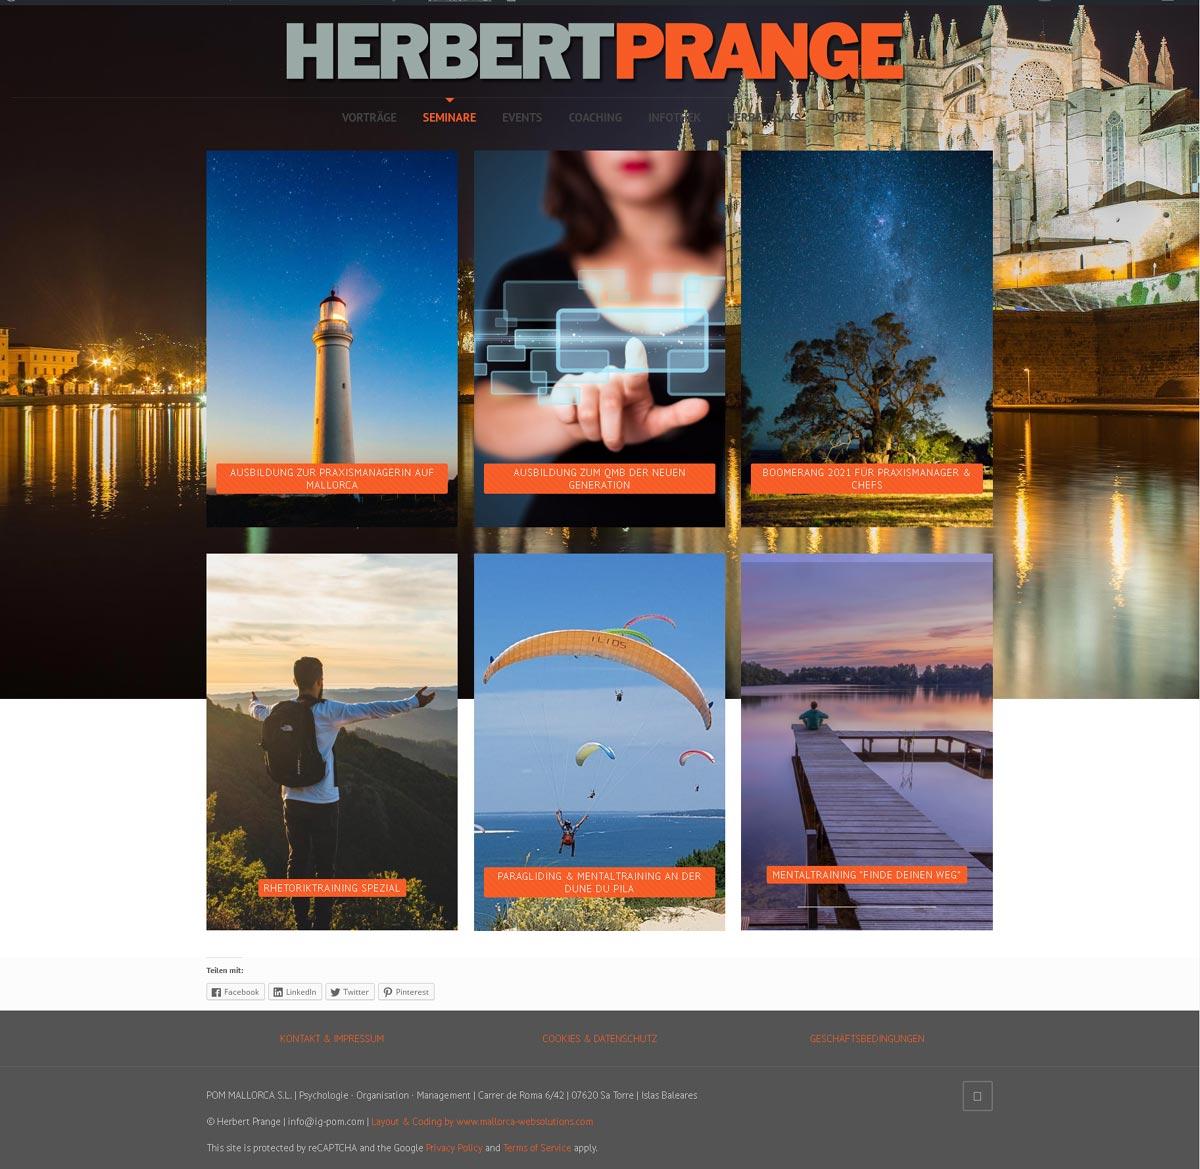 Herbert Prange - IG POM S.L.